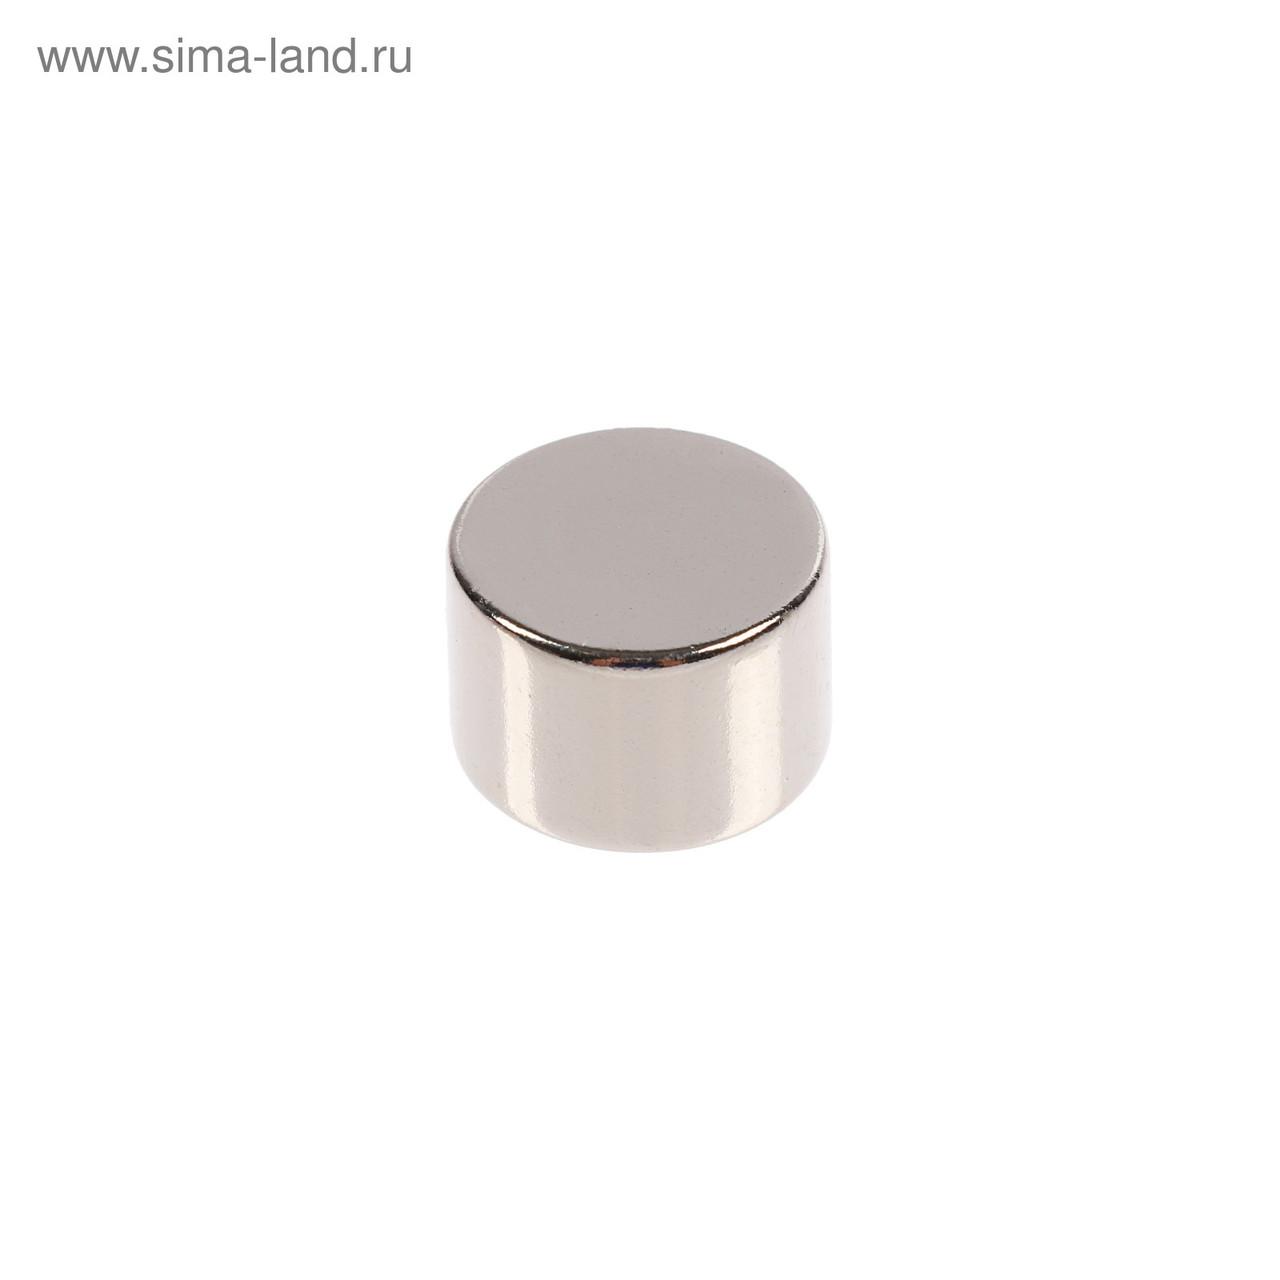 Неодимовий магніт 12 * 10 мм